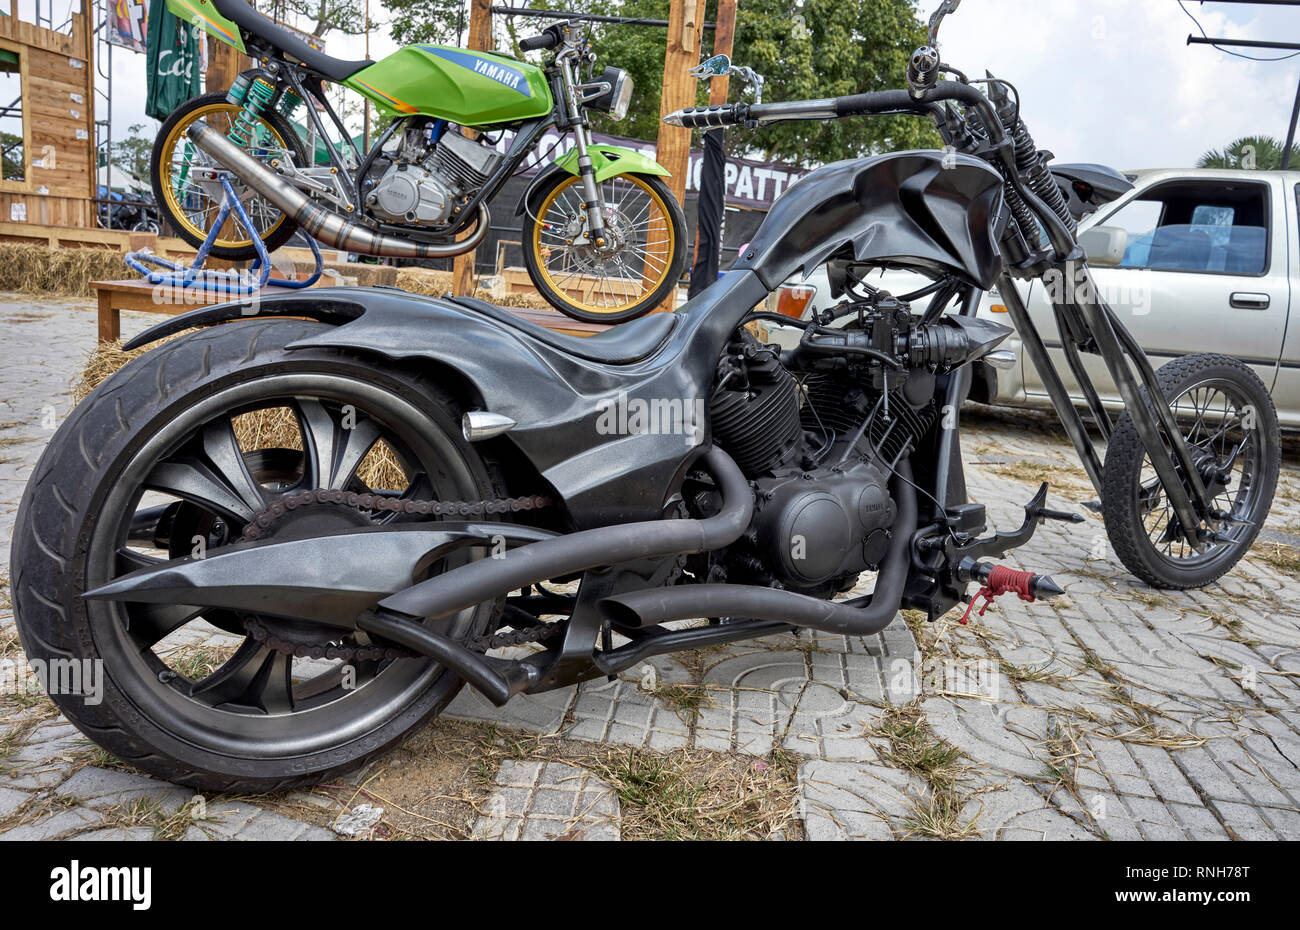 Chopper motorbike. Extreme modification of a Yamaha motorcycle - Stock Image